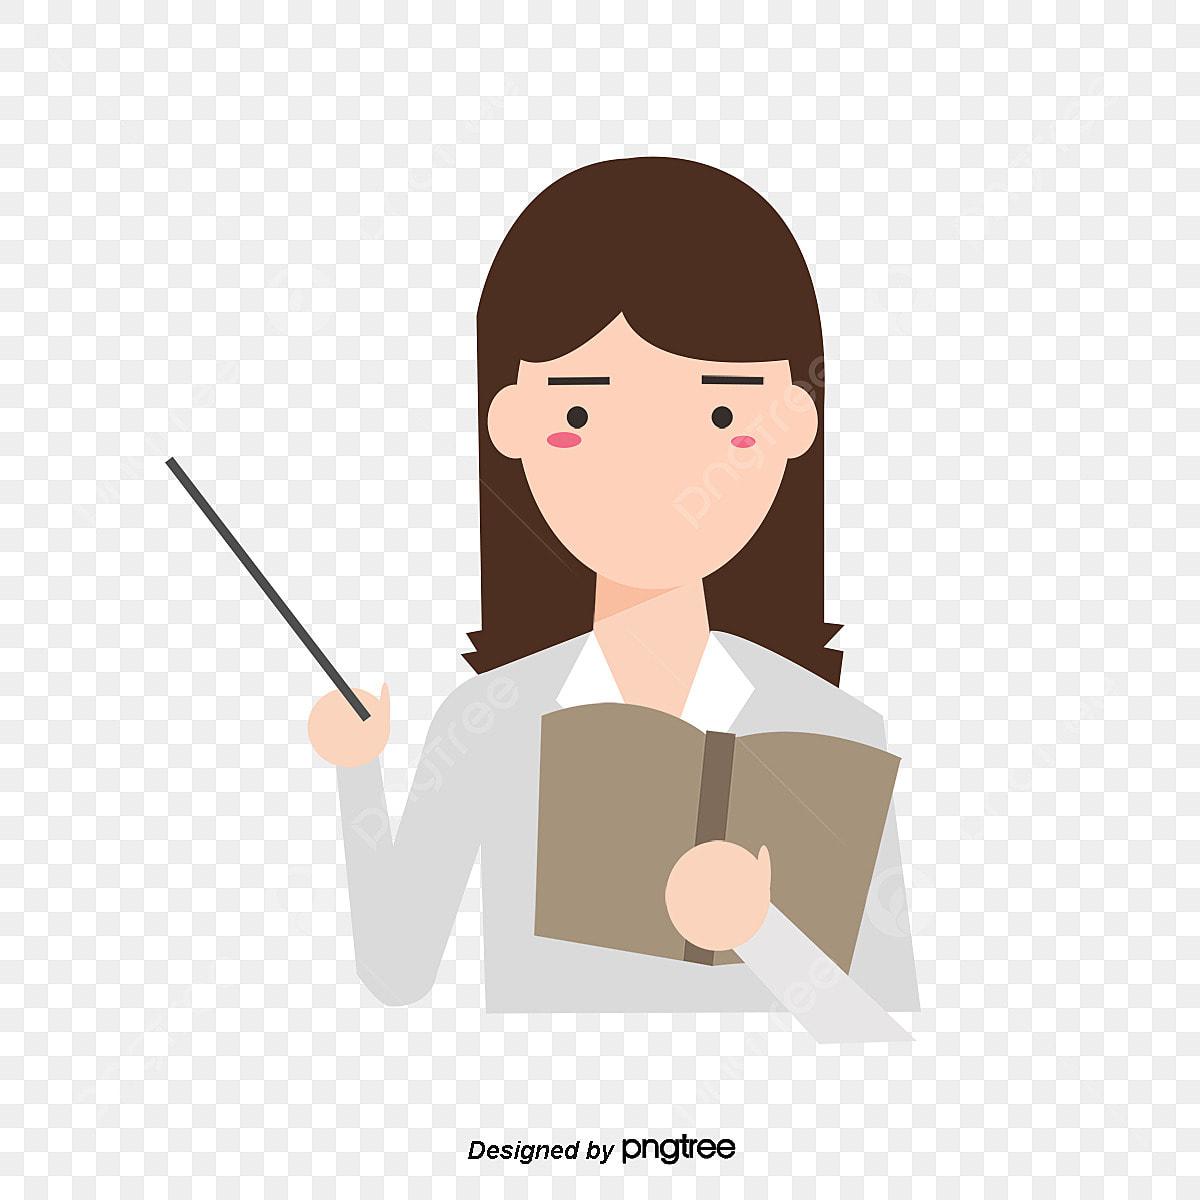 Gambar Kartun Mudah Comel Memegang Sebuah Buku Guru Wanita Kelas Watak Watak Guru Perempuan Png Dan Psd Untuk Muat Turun Percuma